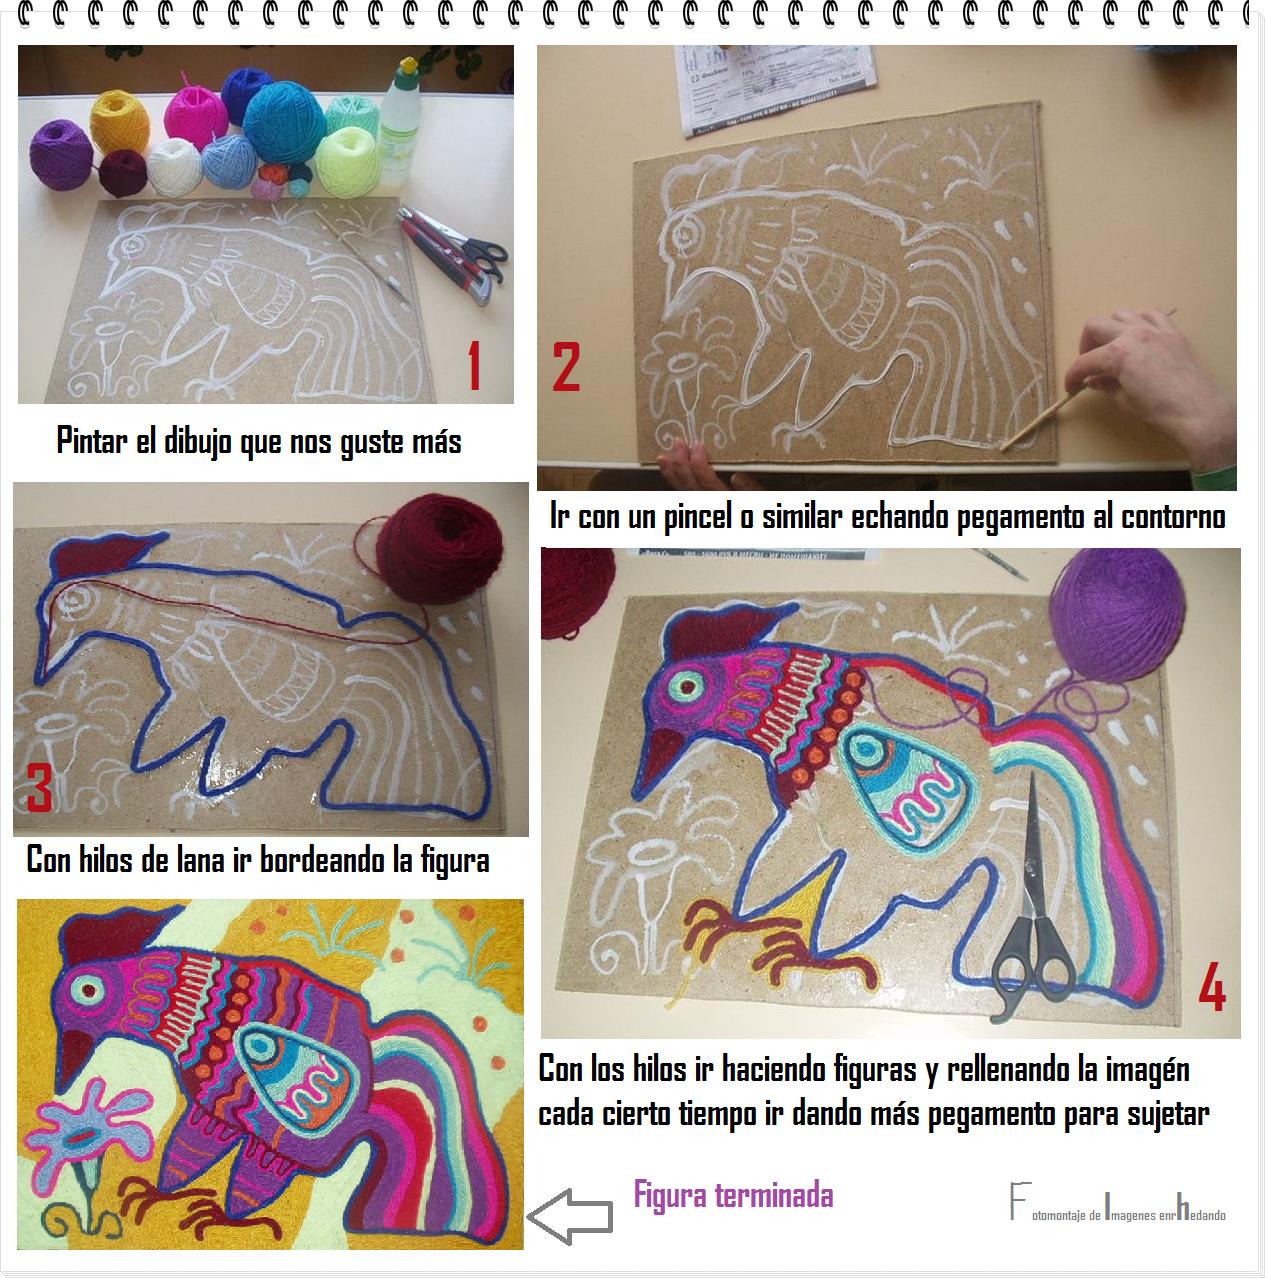 Como hacer cuadros de hilos de lana tecnica enrhedando - Cuadros para hacer en casa ...